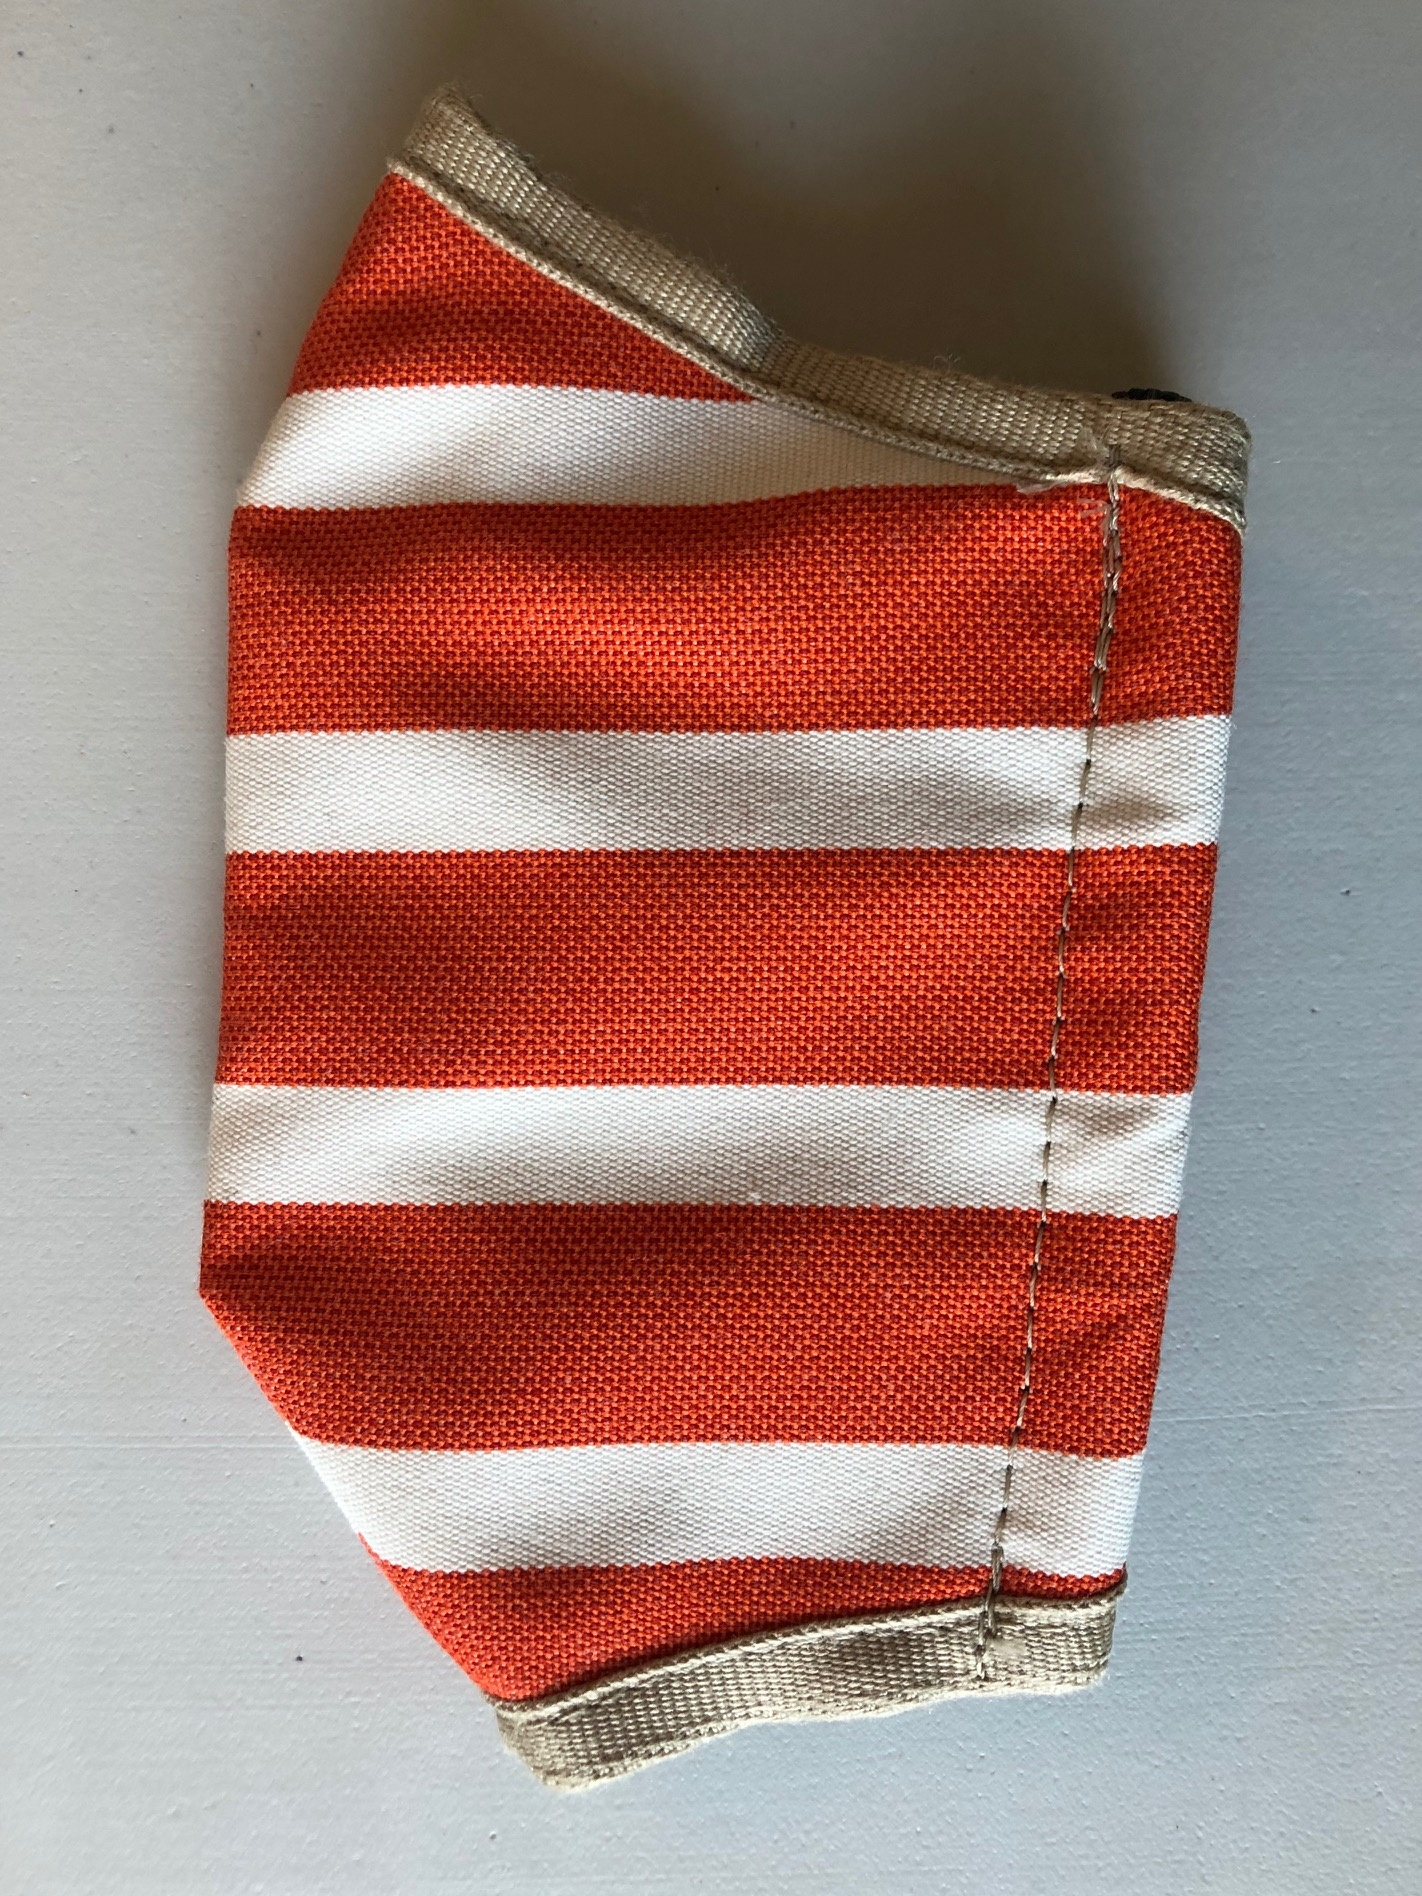 Genco Marine Face Mask